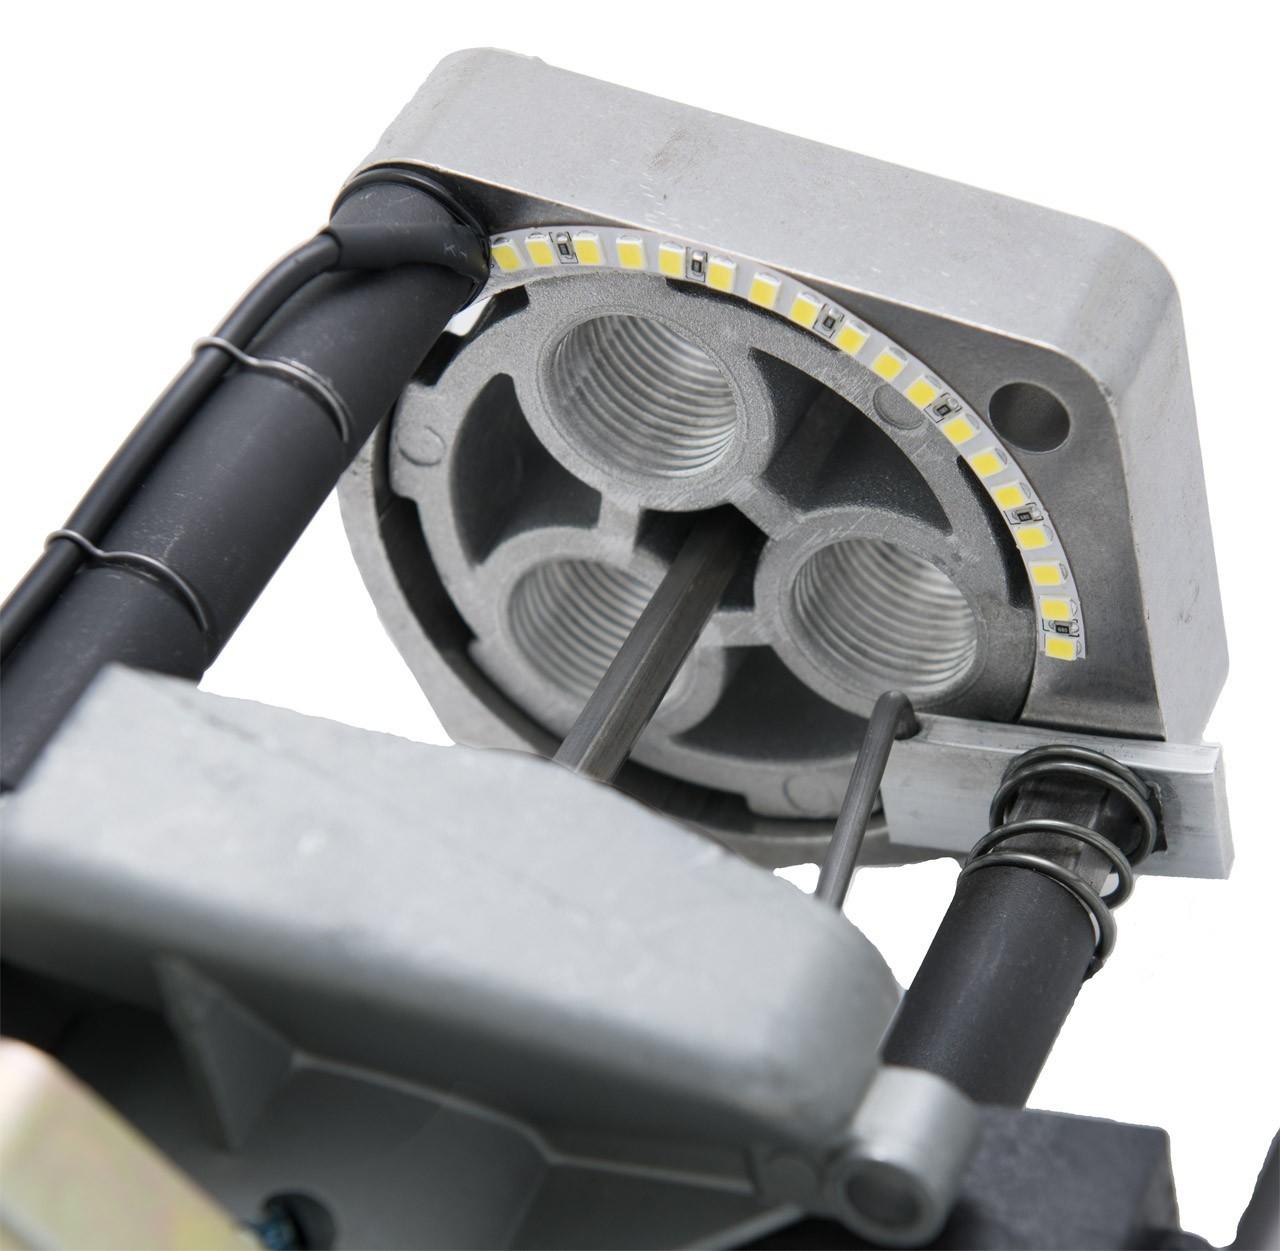 Budget Shooter Supply Ufo Lt Reloading Press Light For Lee